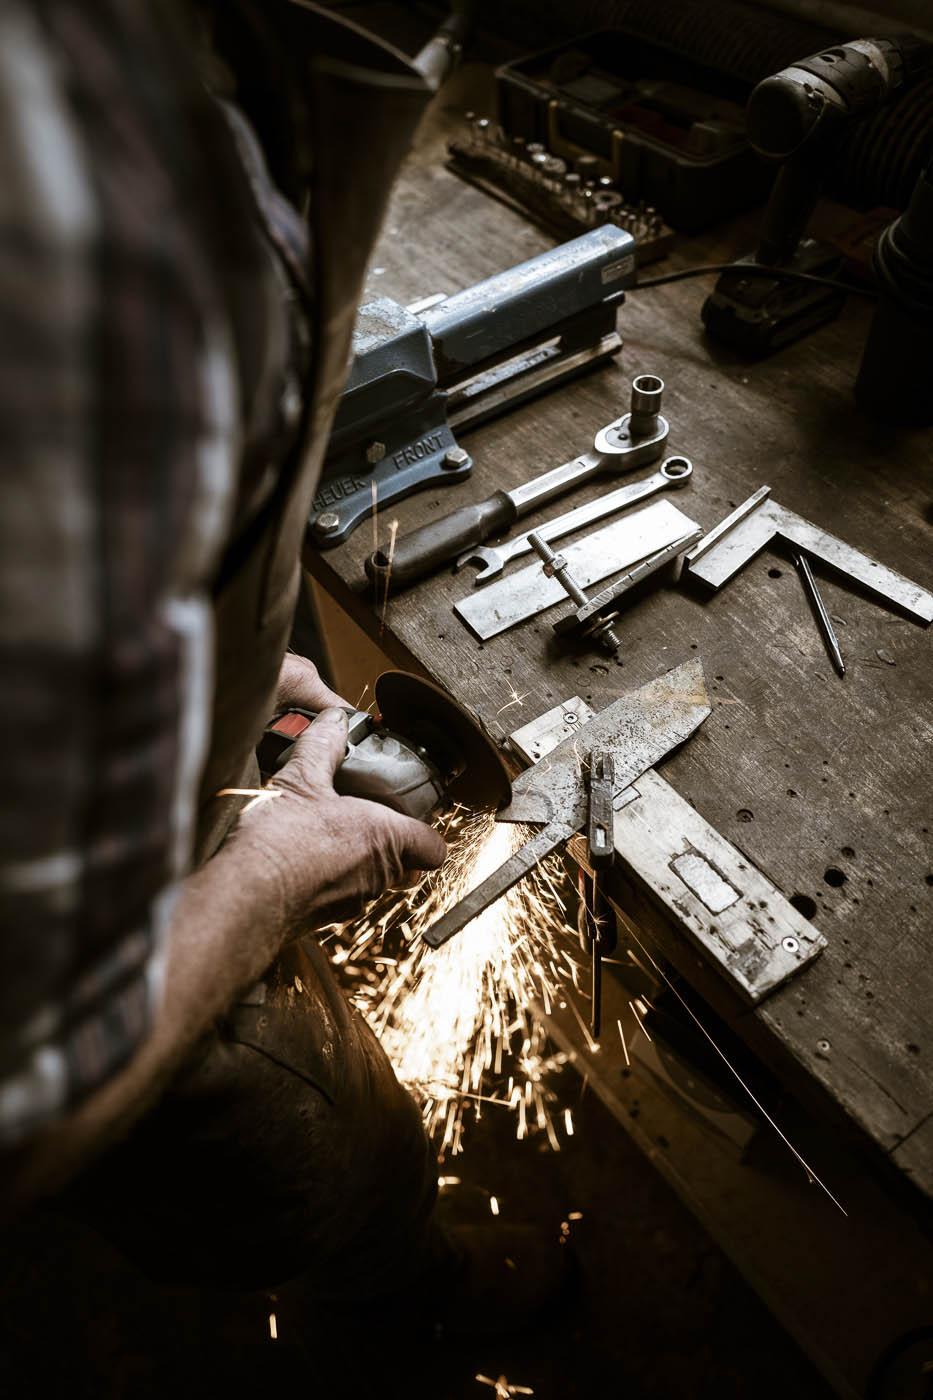 Der Zuschnitt des Materials für das Messer